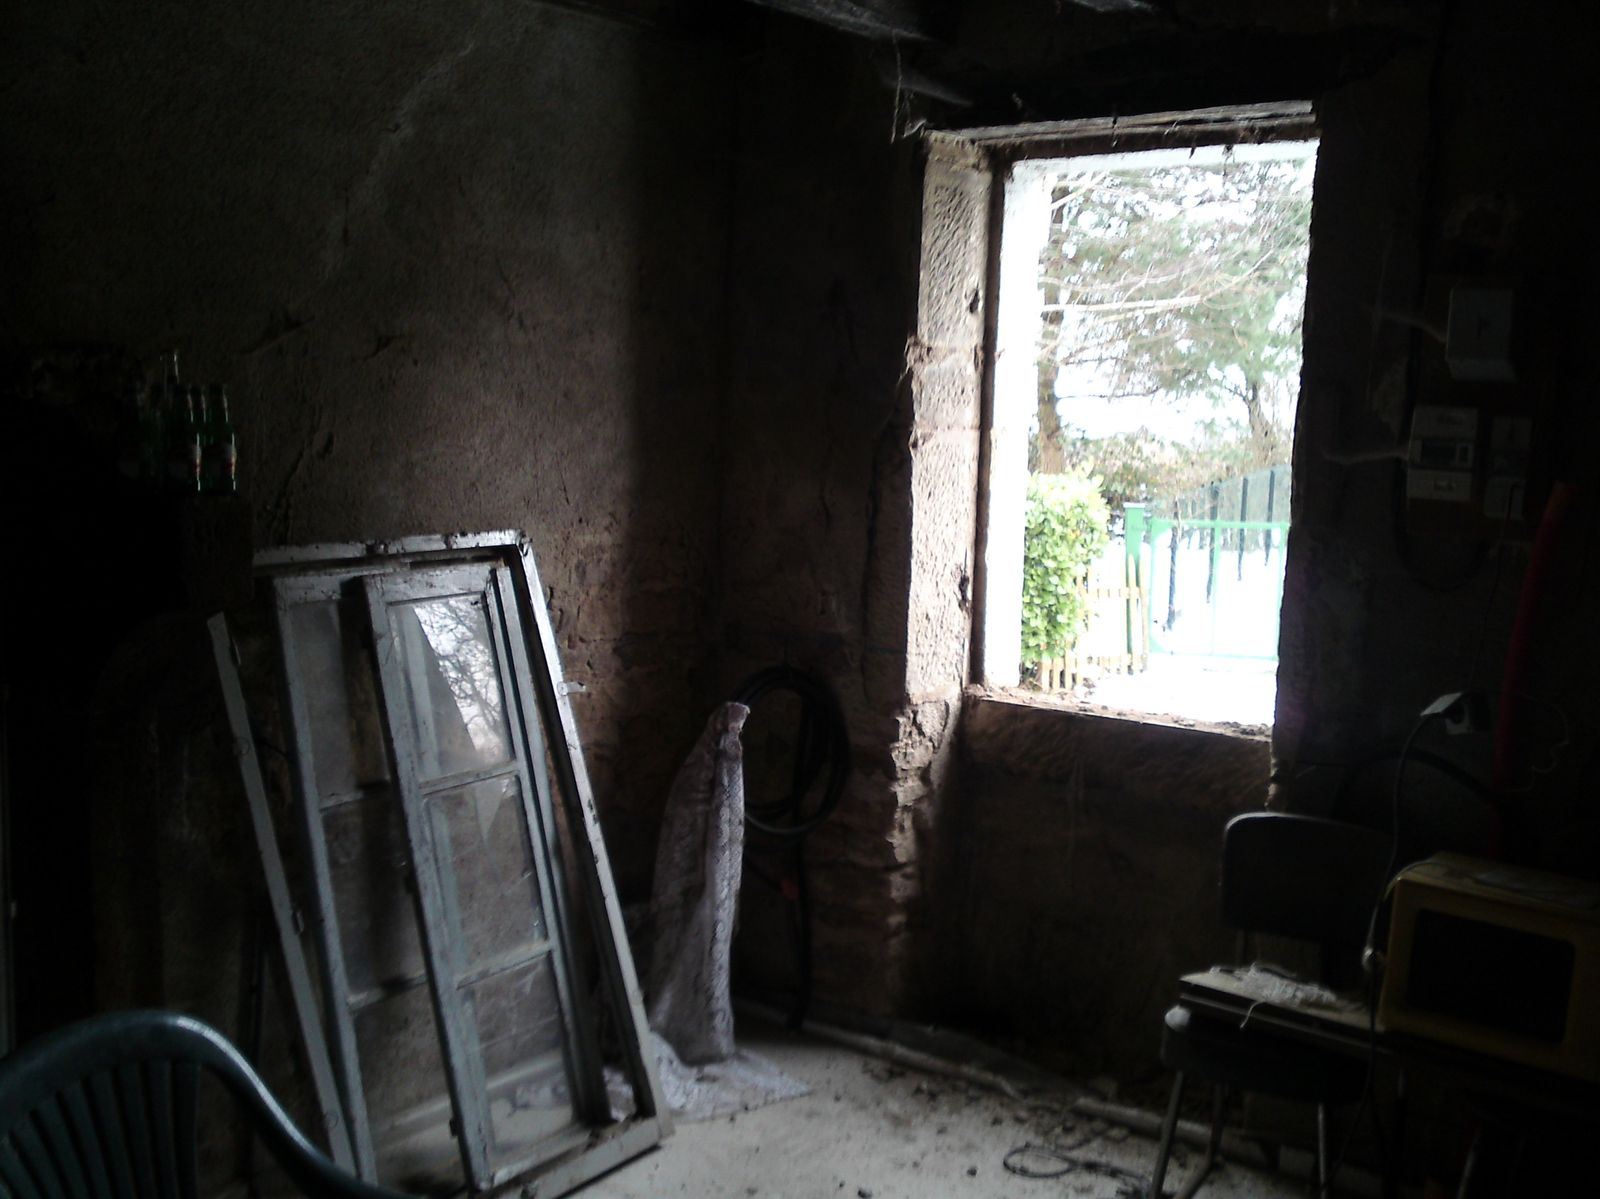 fent tre cuisine renovation d 39 une fermette en bourgogne. Black Bedroom Furniture Sets. Home Design Ideas